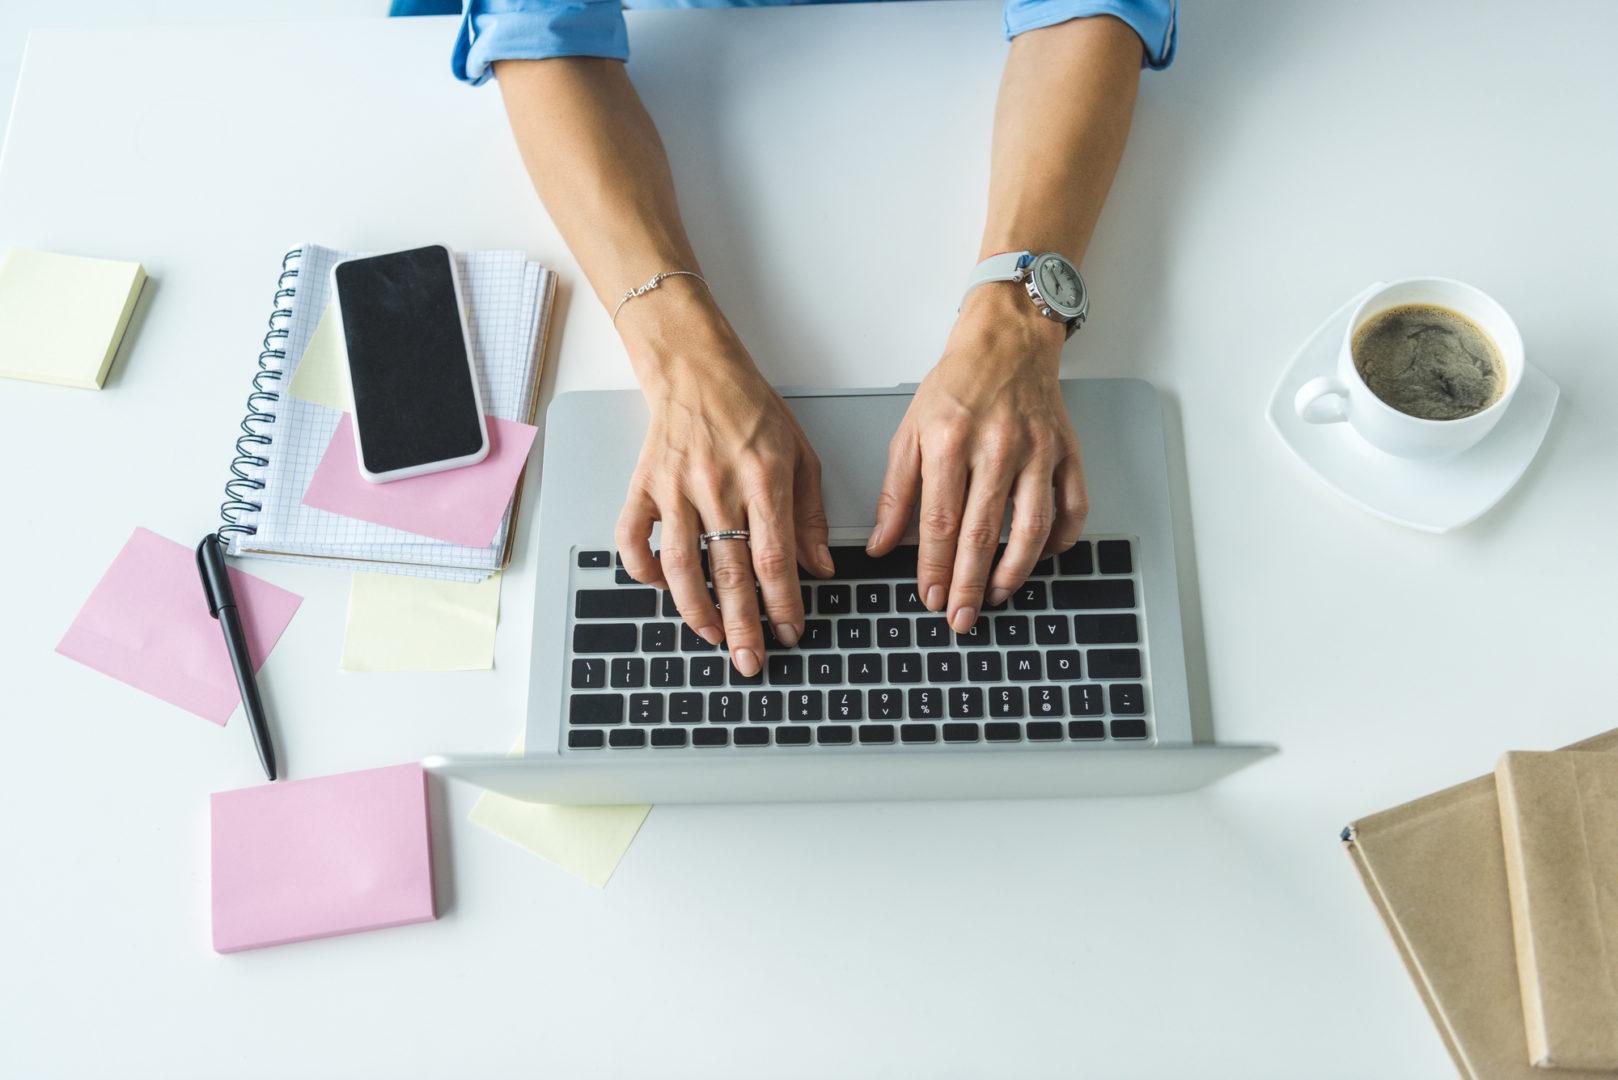 Como escrever um artigo completo em 90 minutos